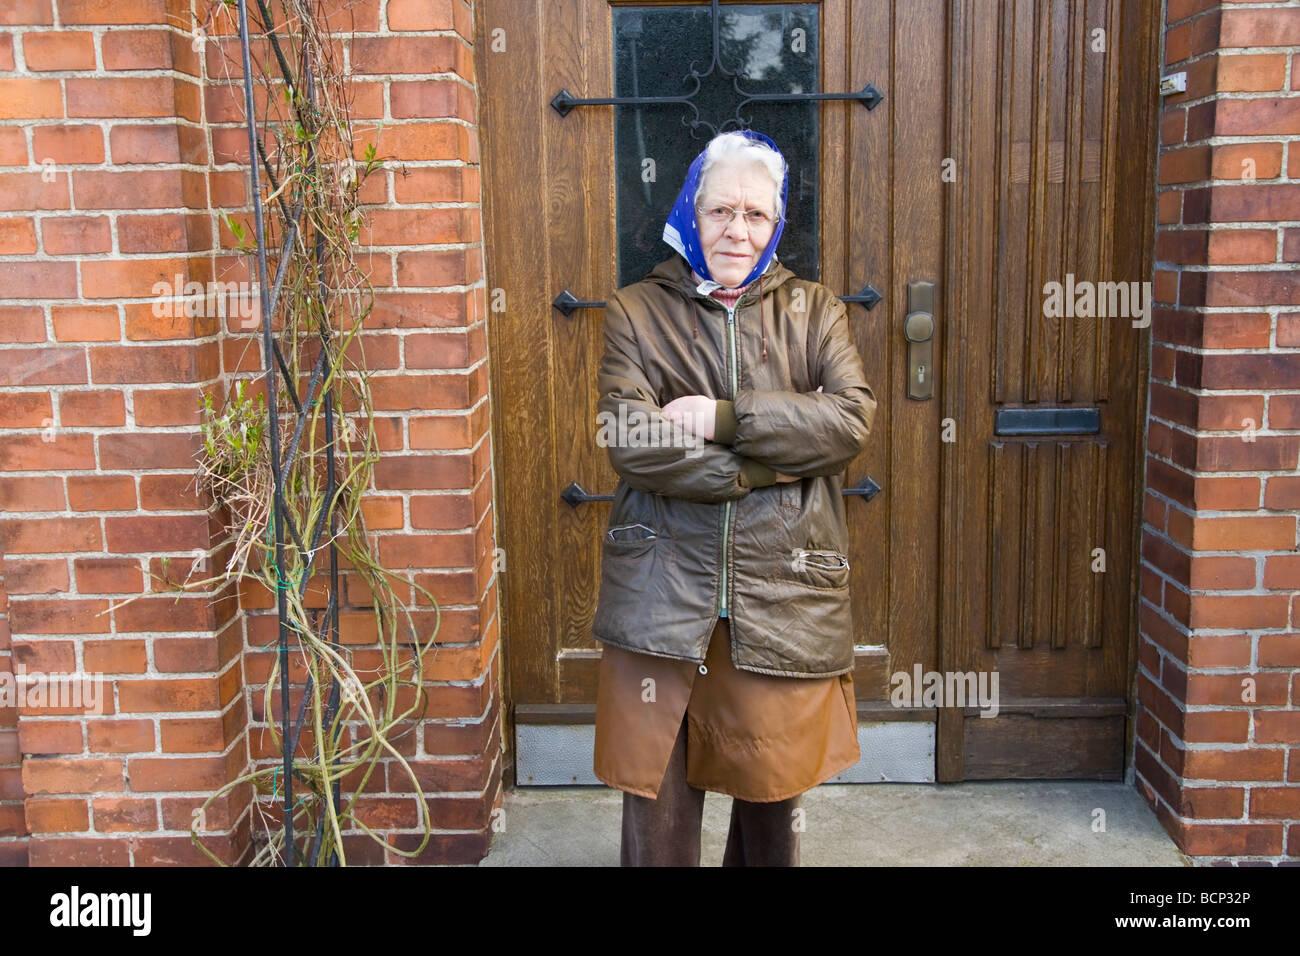 Frau in Ihren Siebzigern Mit Kopftuch Steht Mit Verschränkten Armen Vor Ihrer Haustür Stockbild